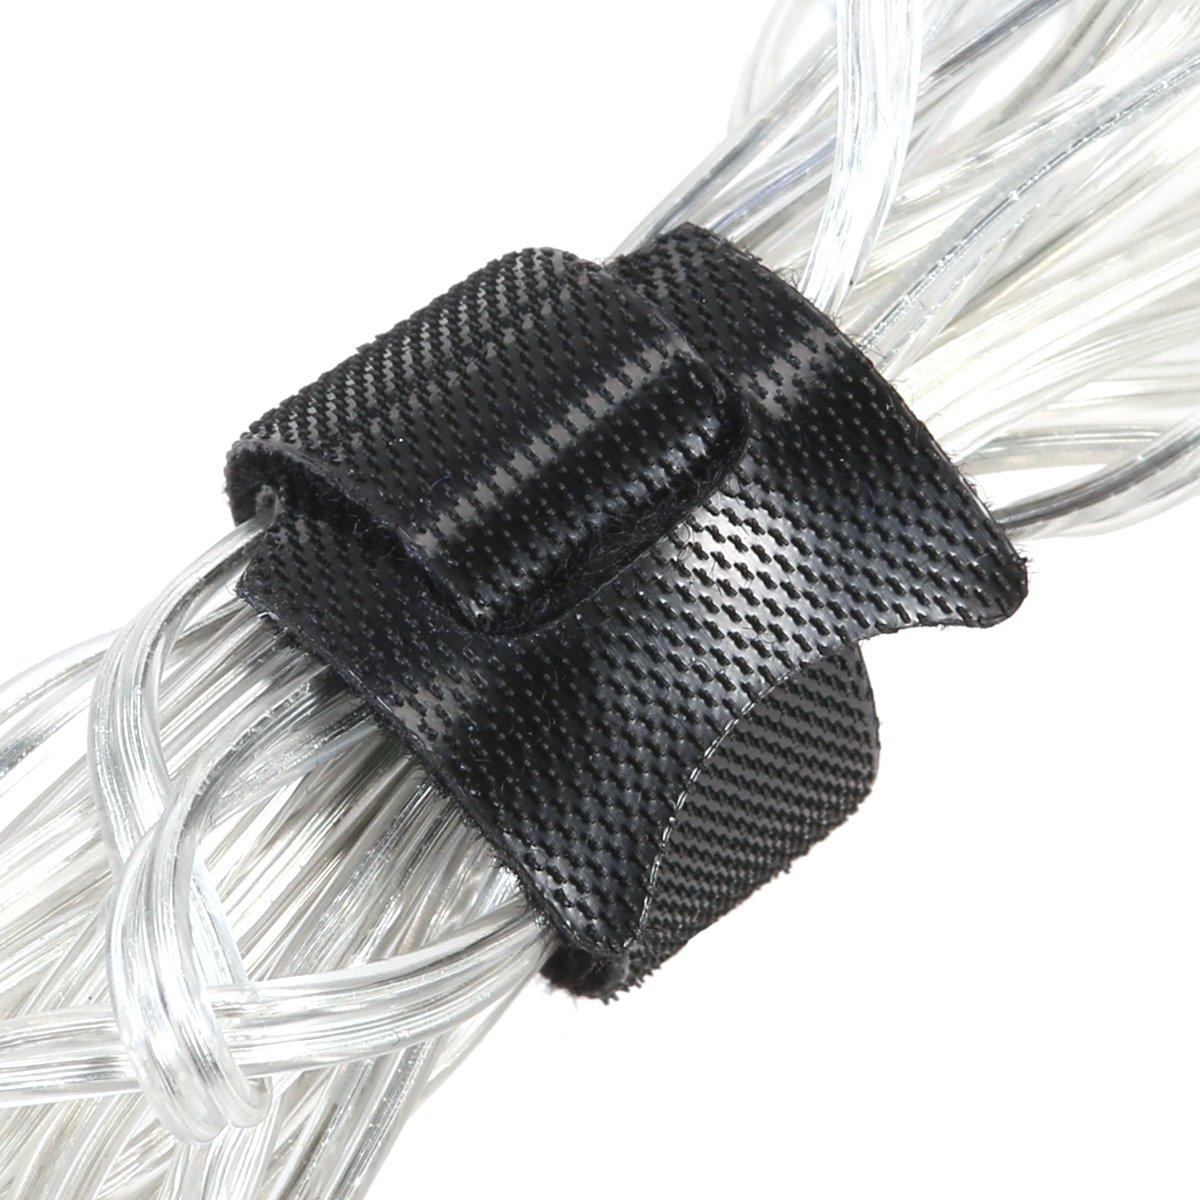 Noir OULII Colliers en Nylon 6/Pouces Fixation Colliers avec r/éutilisables Hook et Loop Bracelet Colliers pour Le Fixation de Organisateur/ /100/Pack